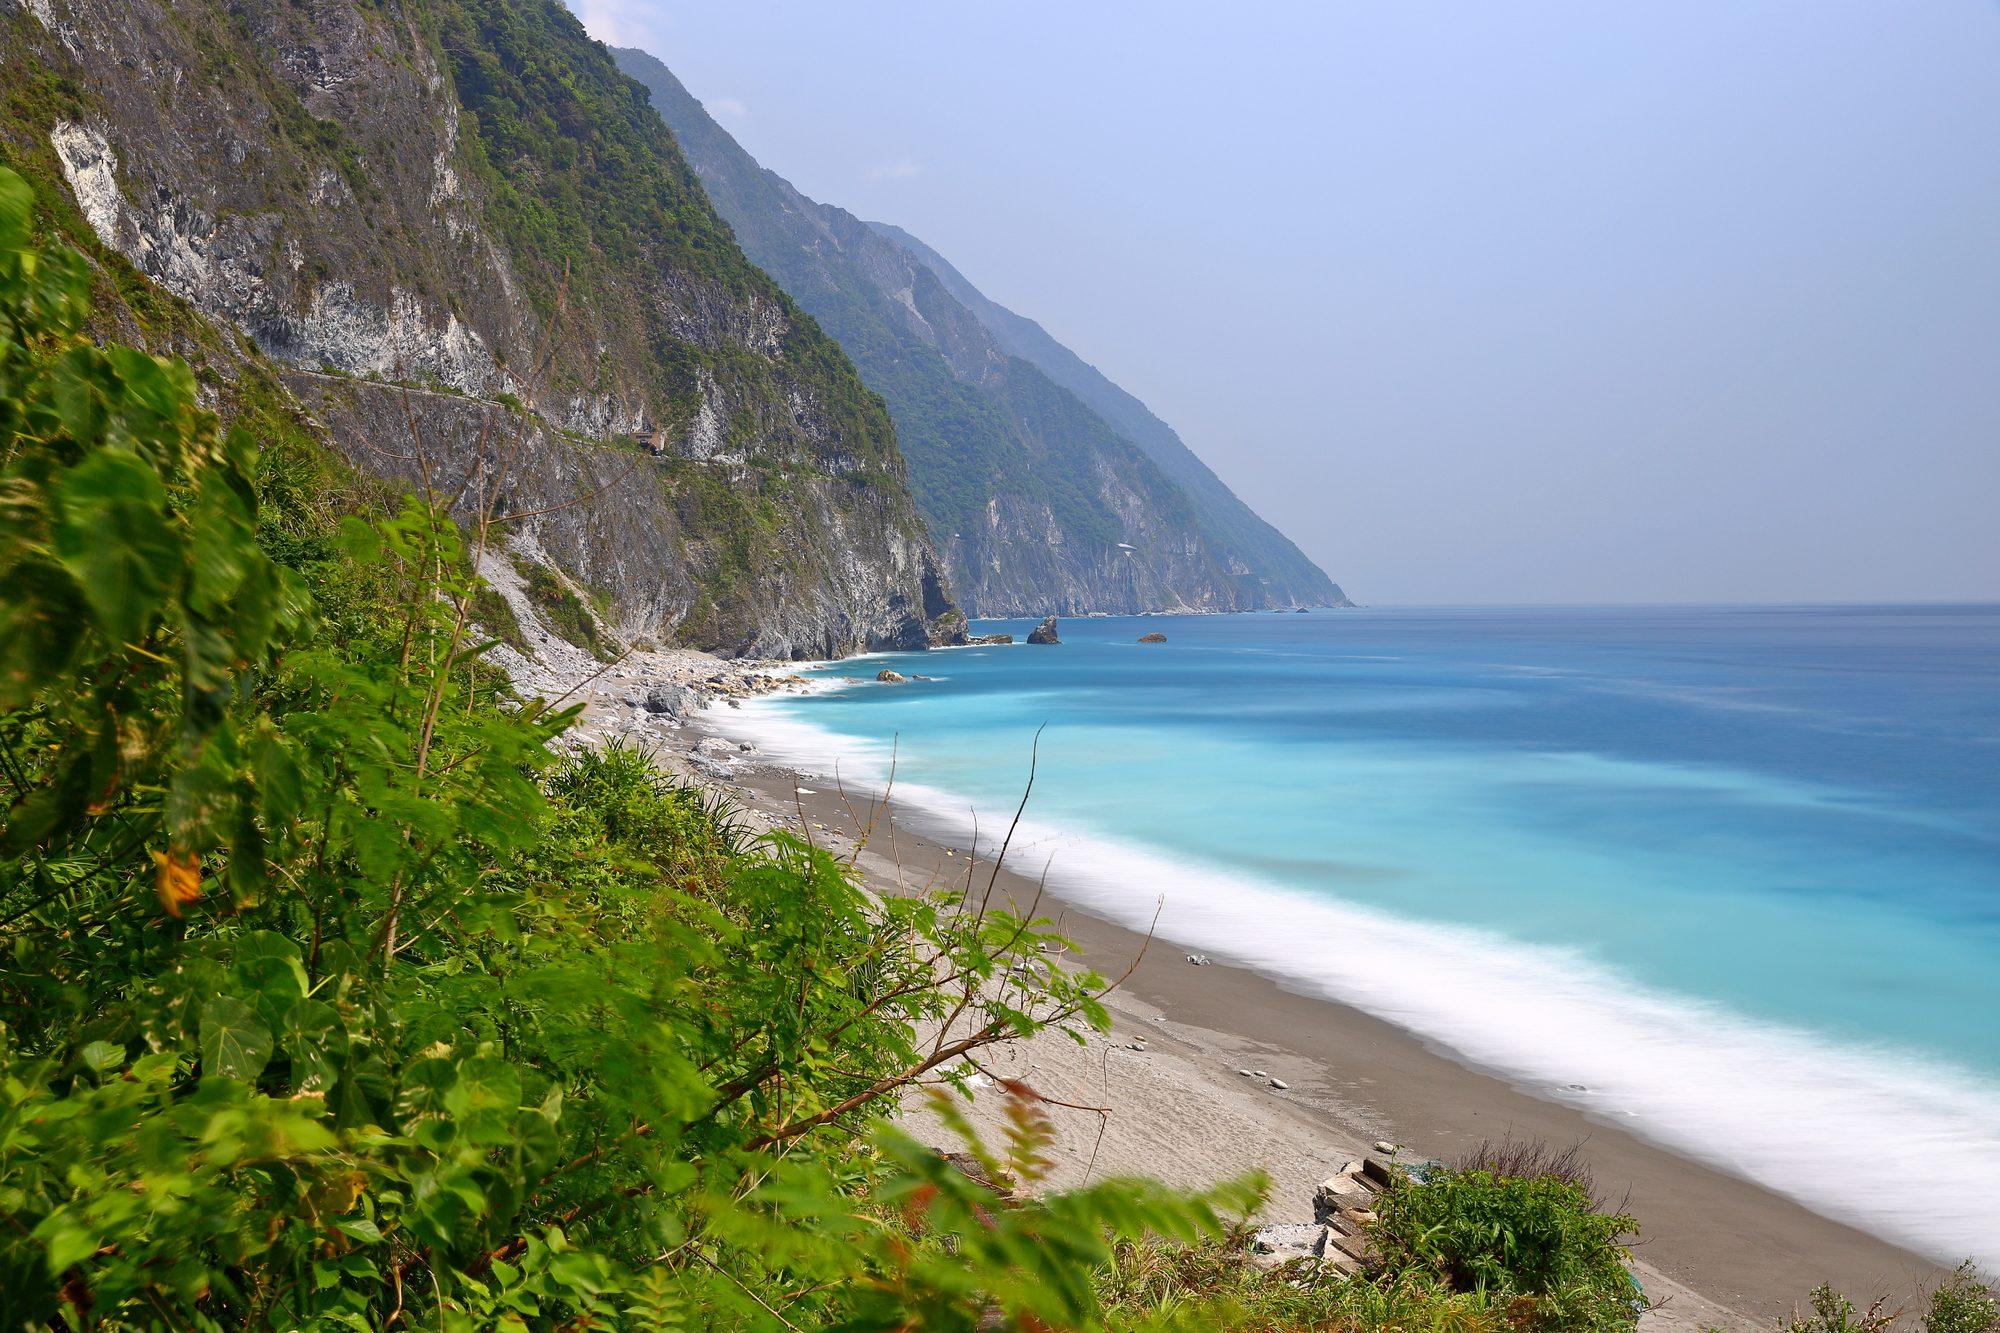 Qingshui cliff, Hualien